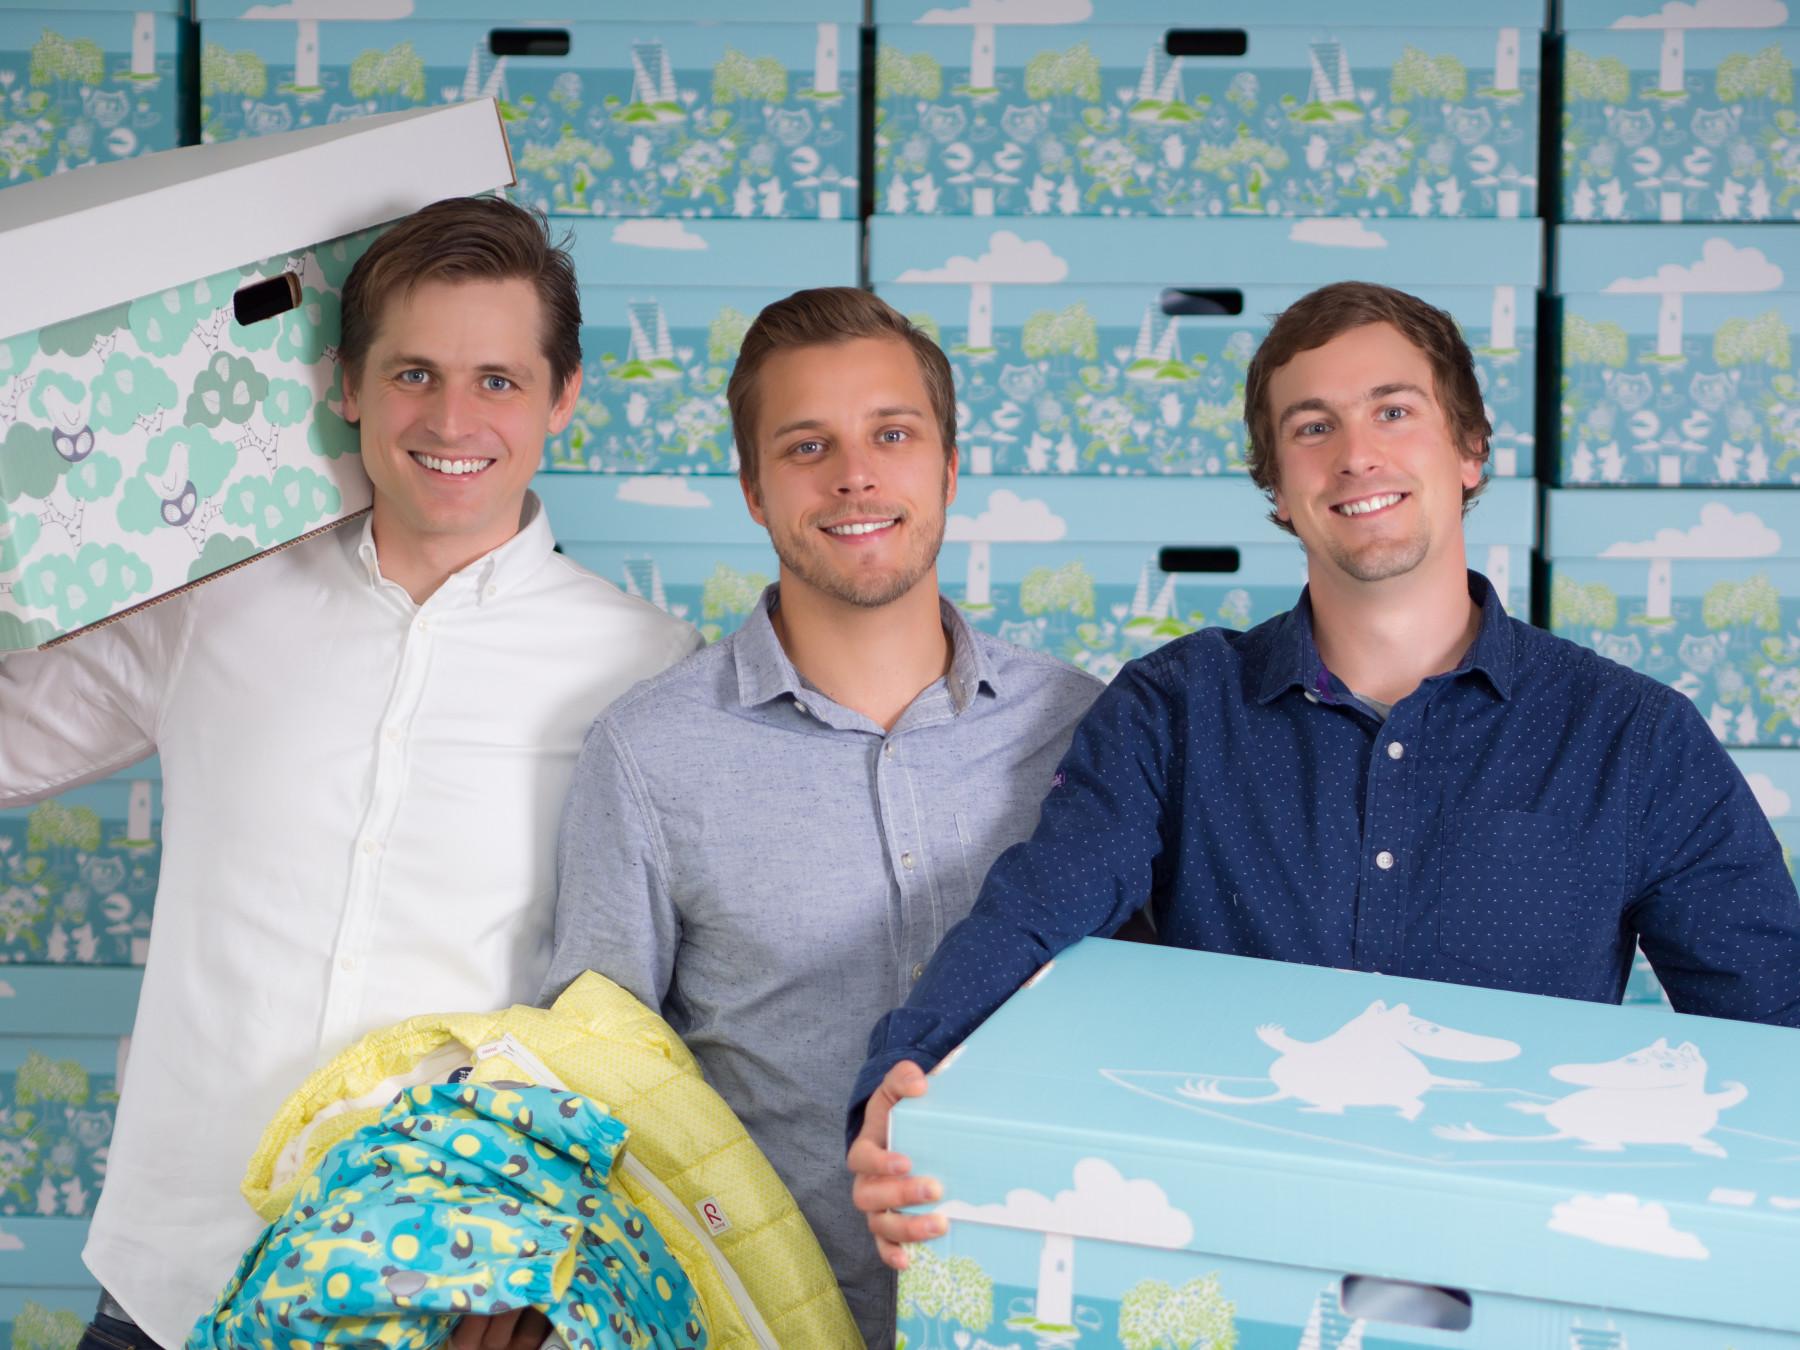 O trio da Finnish Baby Box (da esquerda para direita): Heikki Tiittanen, Anton Danielsen e Anssi Okkonen juntos têm um total de 8 filhos. Quando começaram seu empreendimento, Tiittanen gerenciou a empresa durante sua licença paternidade, enquanto seu filho dormia.